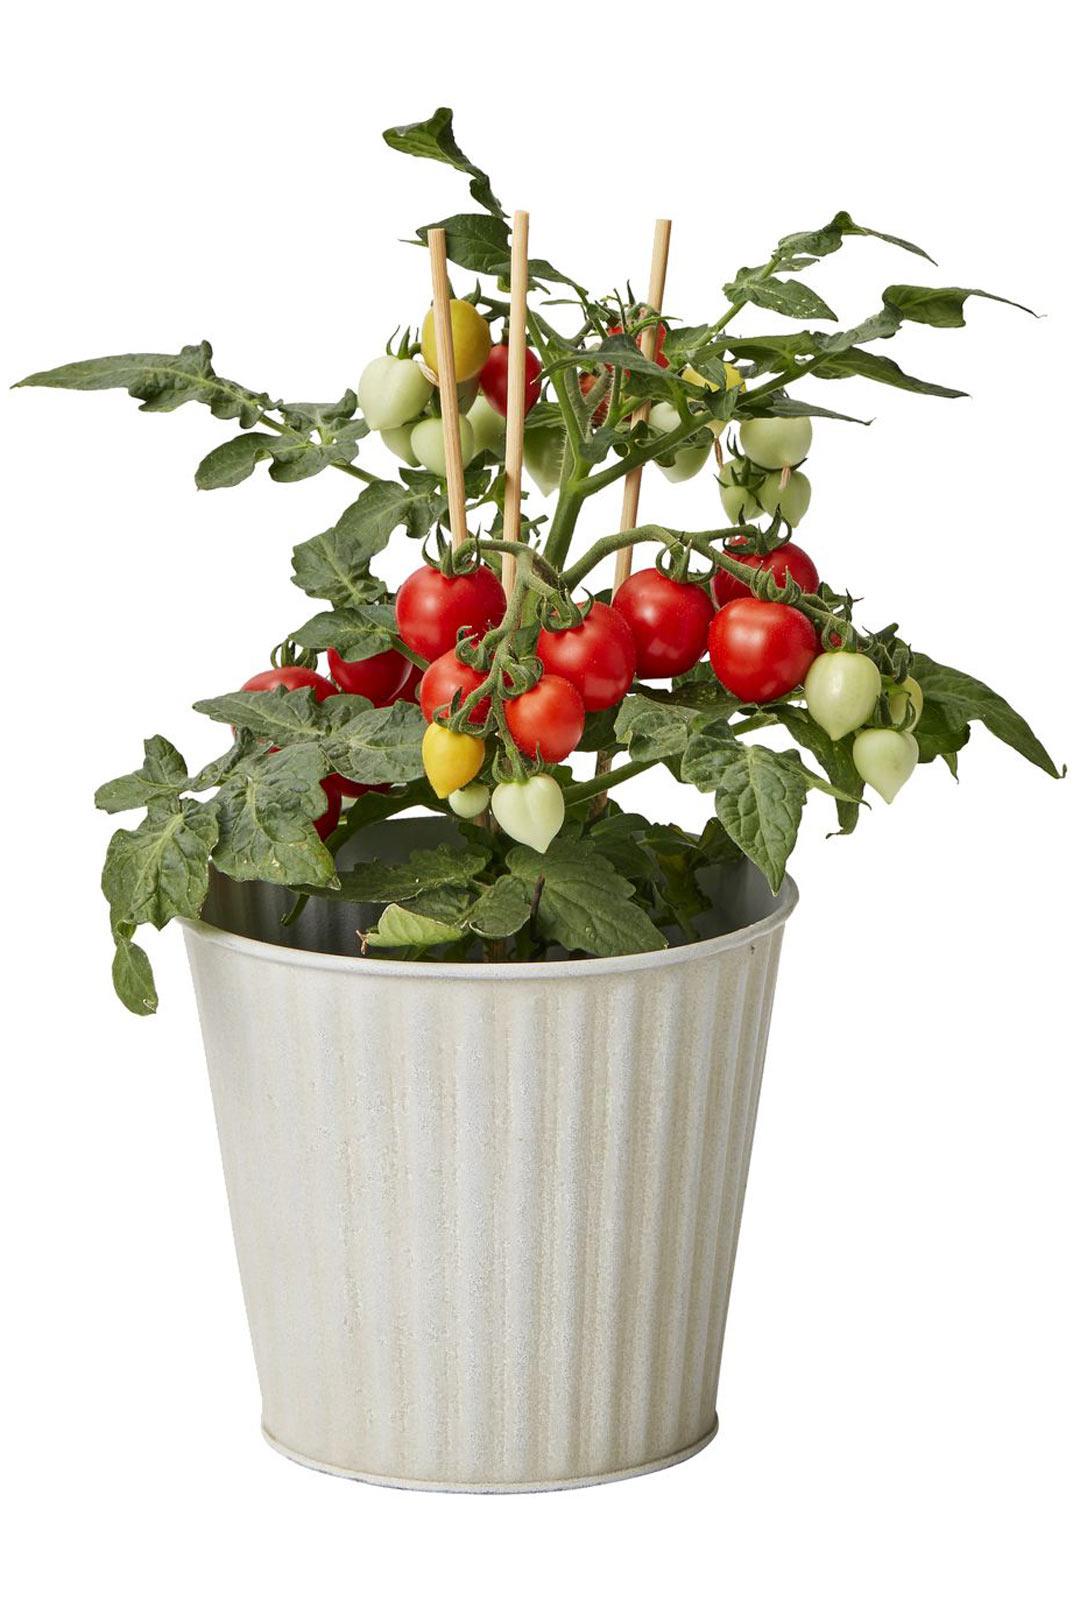 Jos tomaattien kasvattaminen siemenestä tuntuu liian työläältä, valmiin taimen ostaminen on hyvä vaihtoehto. Tomaatin kasvatus onnistuu myös ruukussa. Aloittelijalle helpoimpia ovat amppeli- ja pensastomaatti.